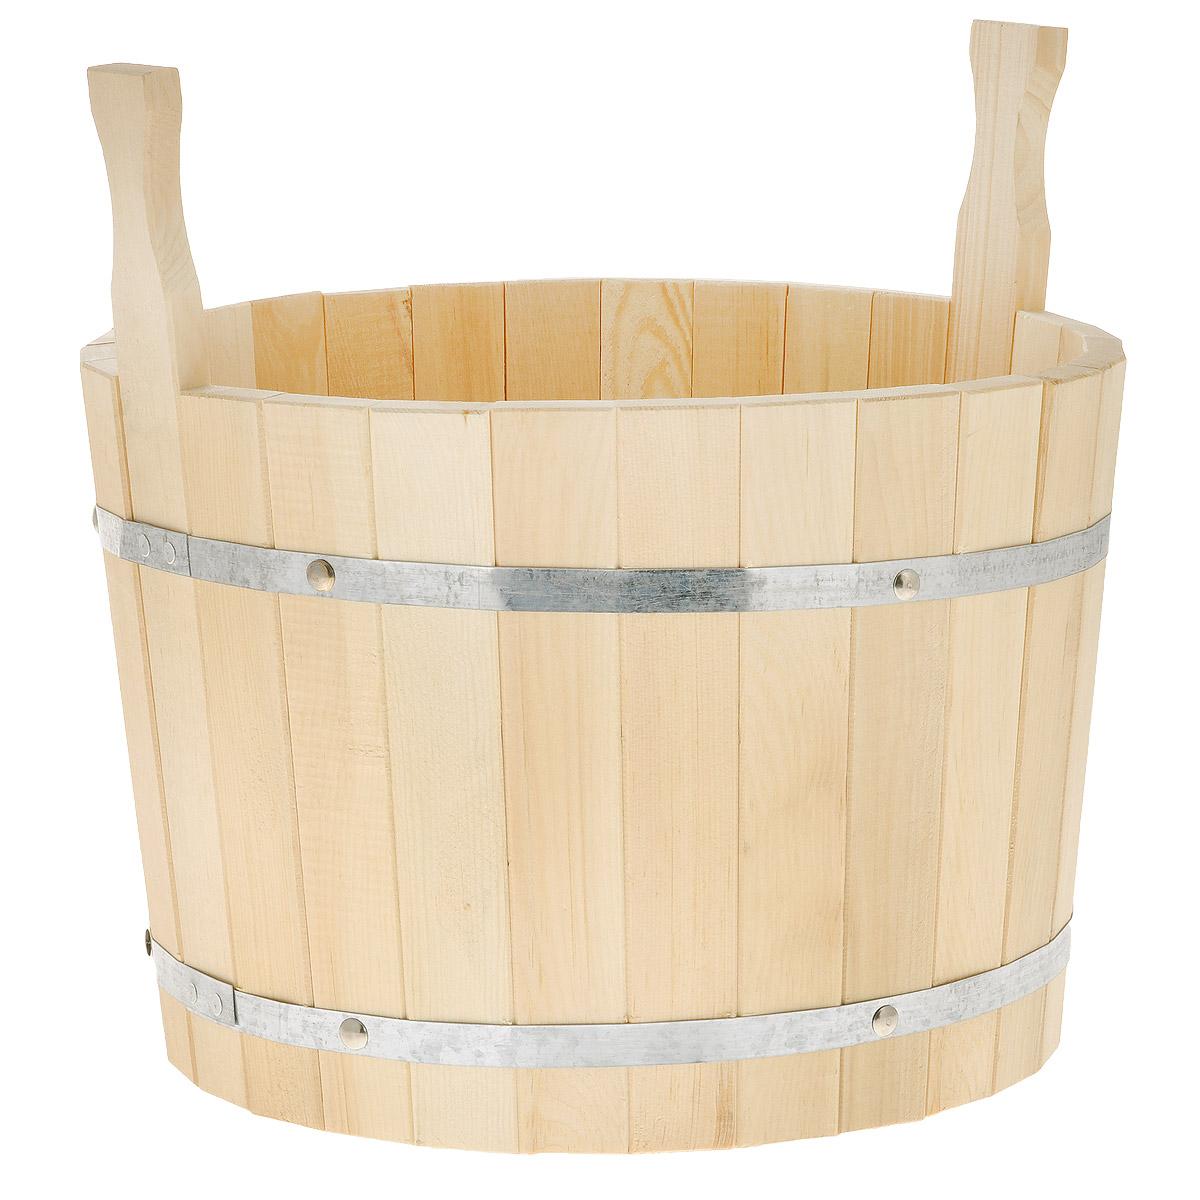 Шайка для бани Доктор Баня, 20 л8318Шайка круглой формы выполнена из брусков кедра, стянутых двумя металлическими обручами. Она прекрасно подойдет для замачивания веника или других банных процедур. Корпус шайки состоит из металлических обручей стянутых клепками. Для более удобного использования шайка имеет по бокам две небольшие ручки. Шайка является одной из тех приятных мелочей, без которых не обойтись при принятии банных процедур.Аксессуары для бани и сауны - это те приятные мелочи, которые приносят радость и создают комфорт.Интересная штука - баня. Место, где одинаково хорошо и в компании, и в одиночестве. Перекресток, казалось бы, разных направлений - общение и здоровье. Приятное и полезное. И всегда в позитиве. Характеристики:Материал: дерево (кедр), металл. Объем шайки: 20 л. Диаметр шайки по верхнему краю: 37 см. Высота шайки (без учета ручек): 26 см. Длина ручек: 11 см.